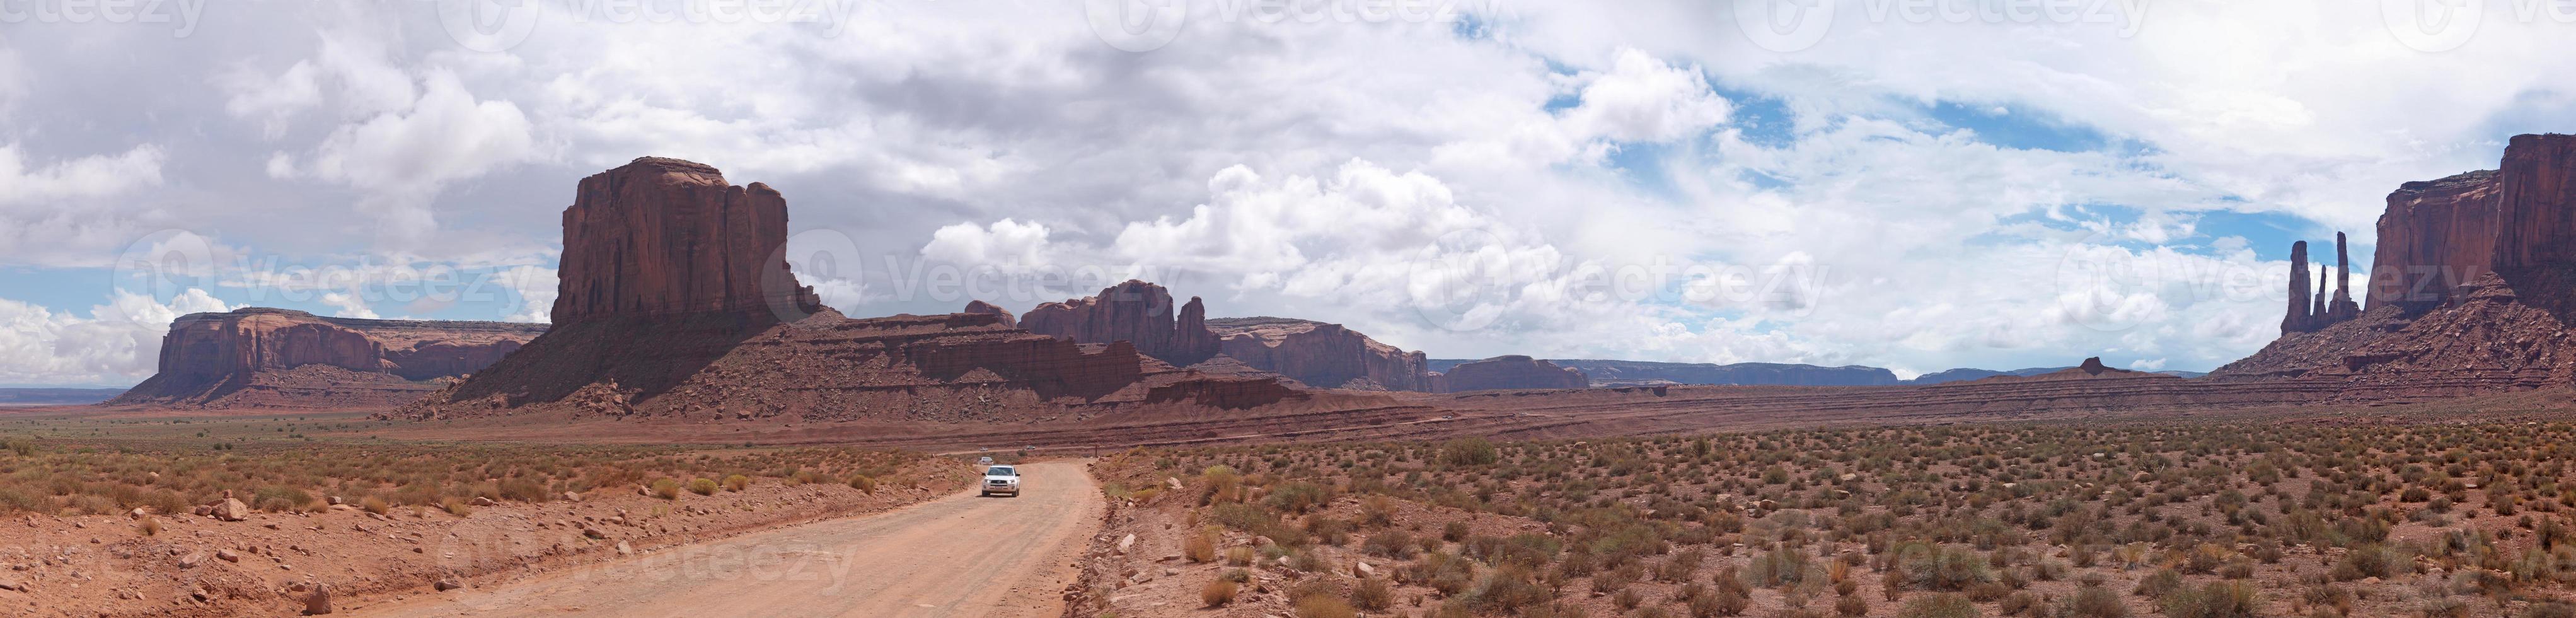 monument dal panorama foto